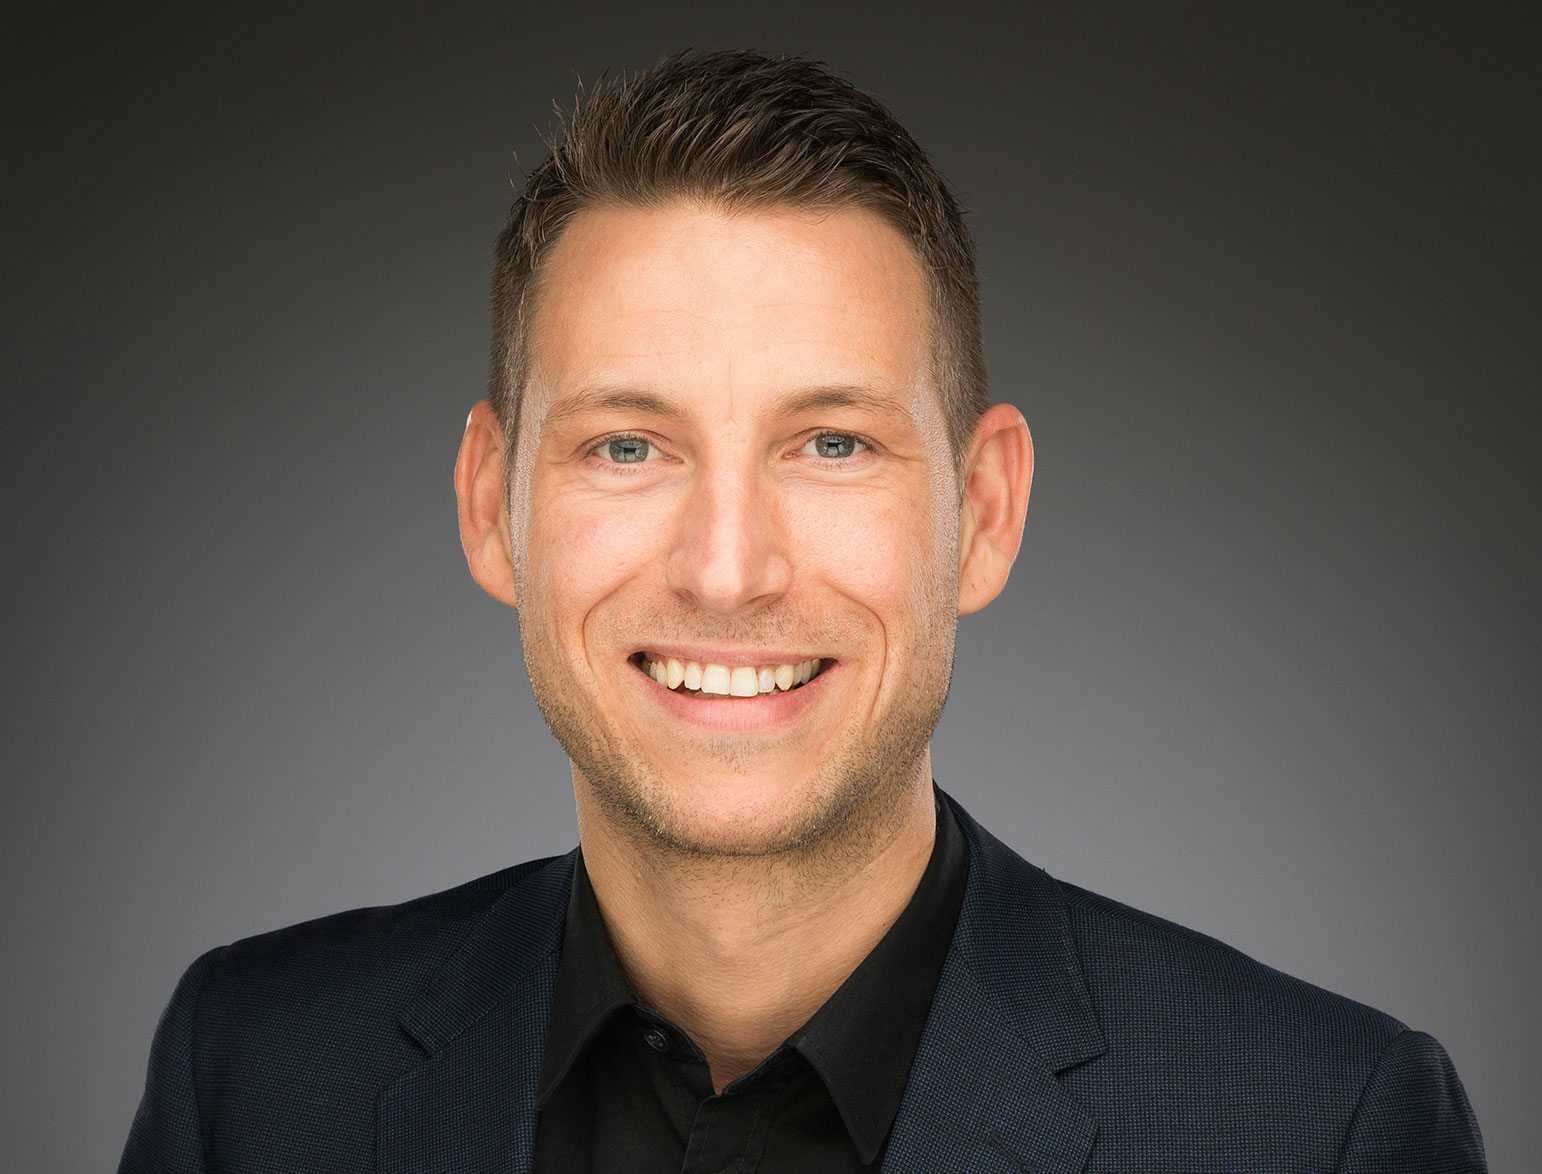 Dennis van Almsick